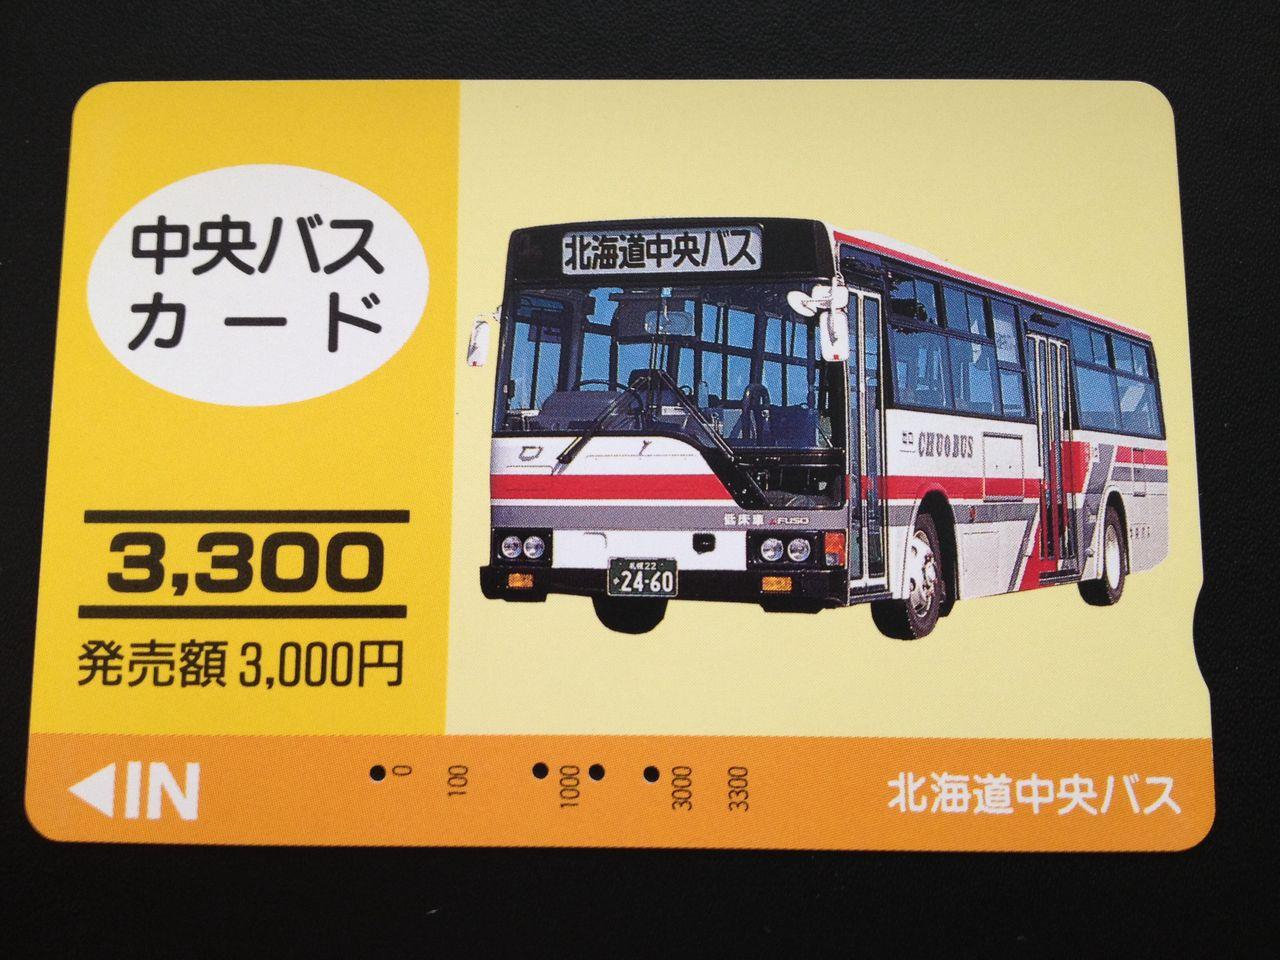 中央バスカード